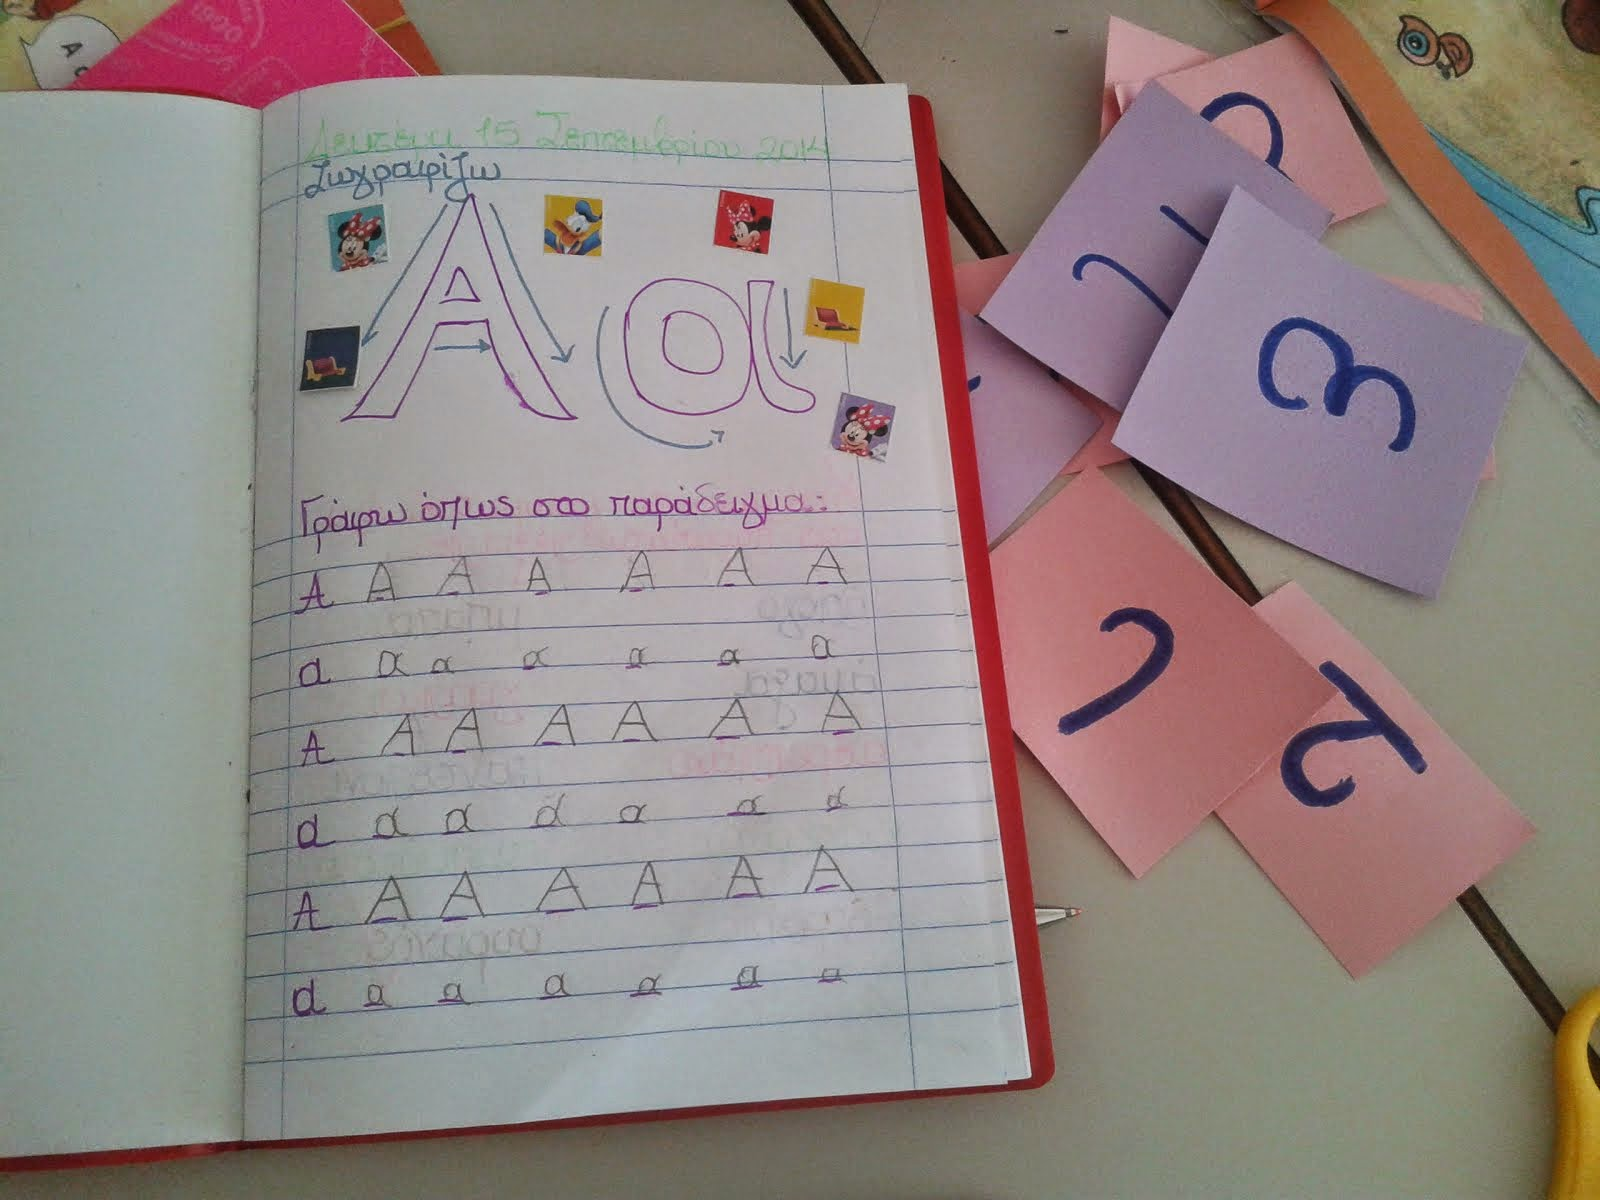 πως μαθαινουμε τα γραμματακια;